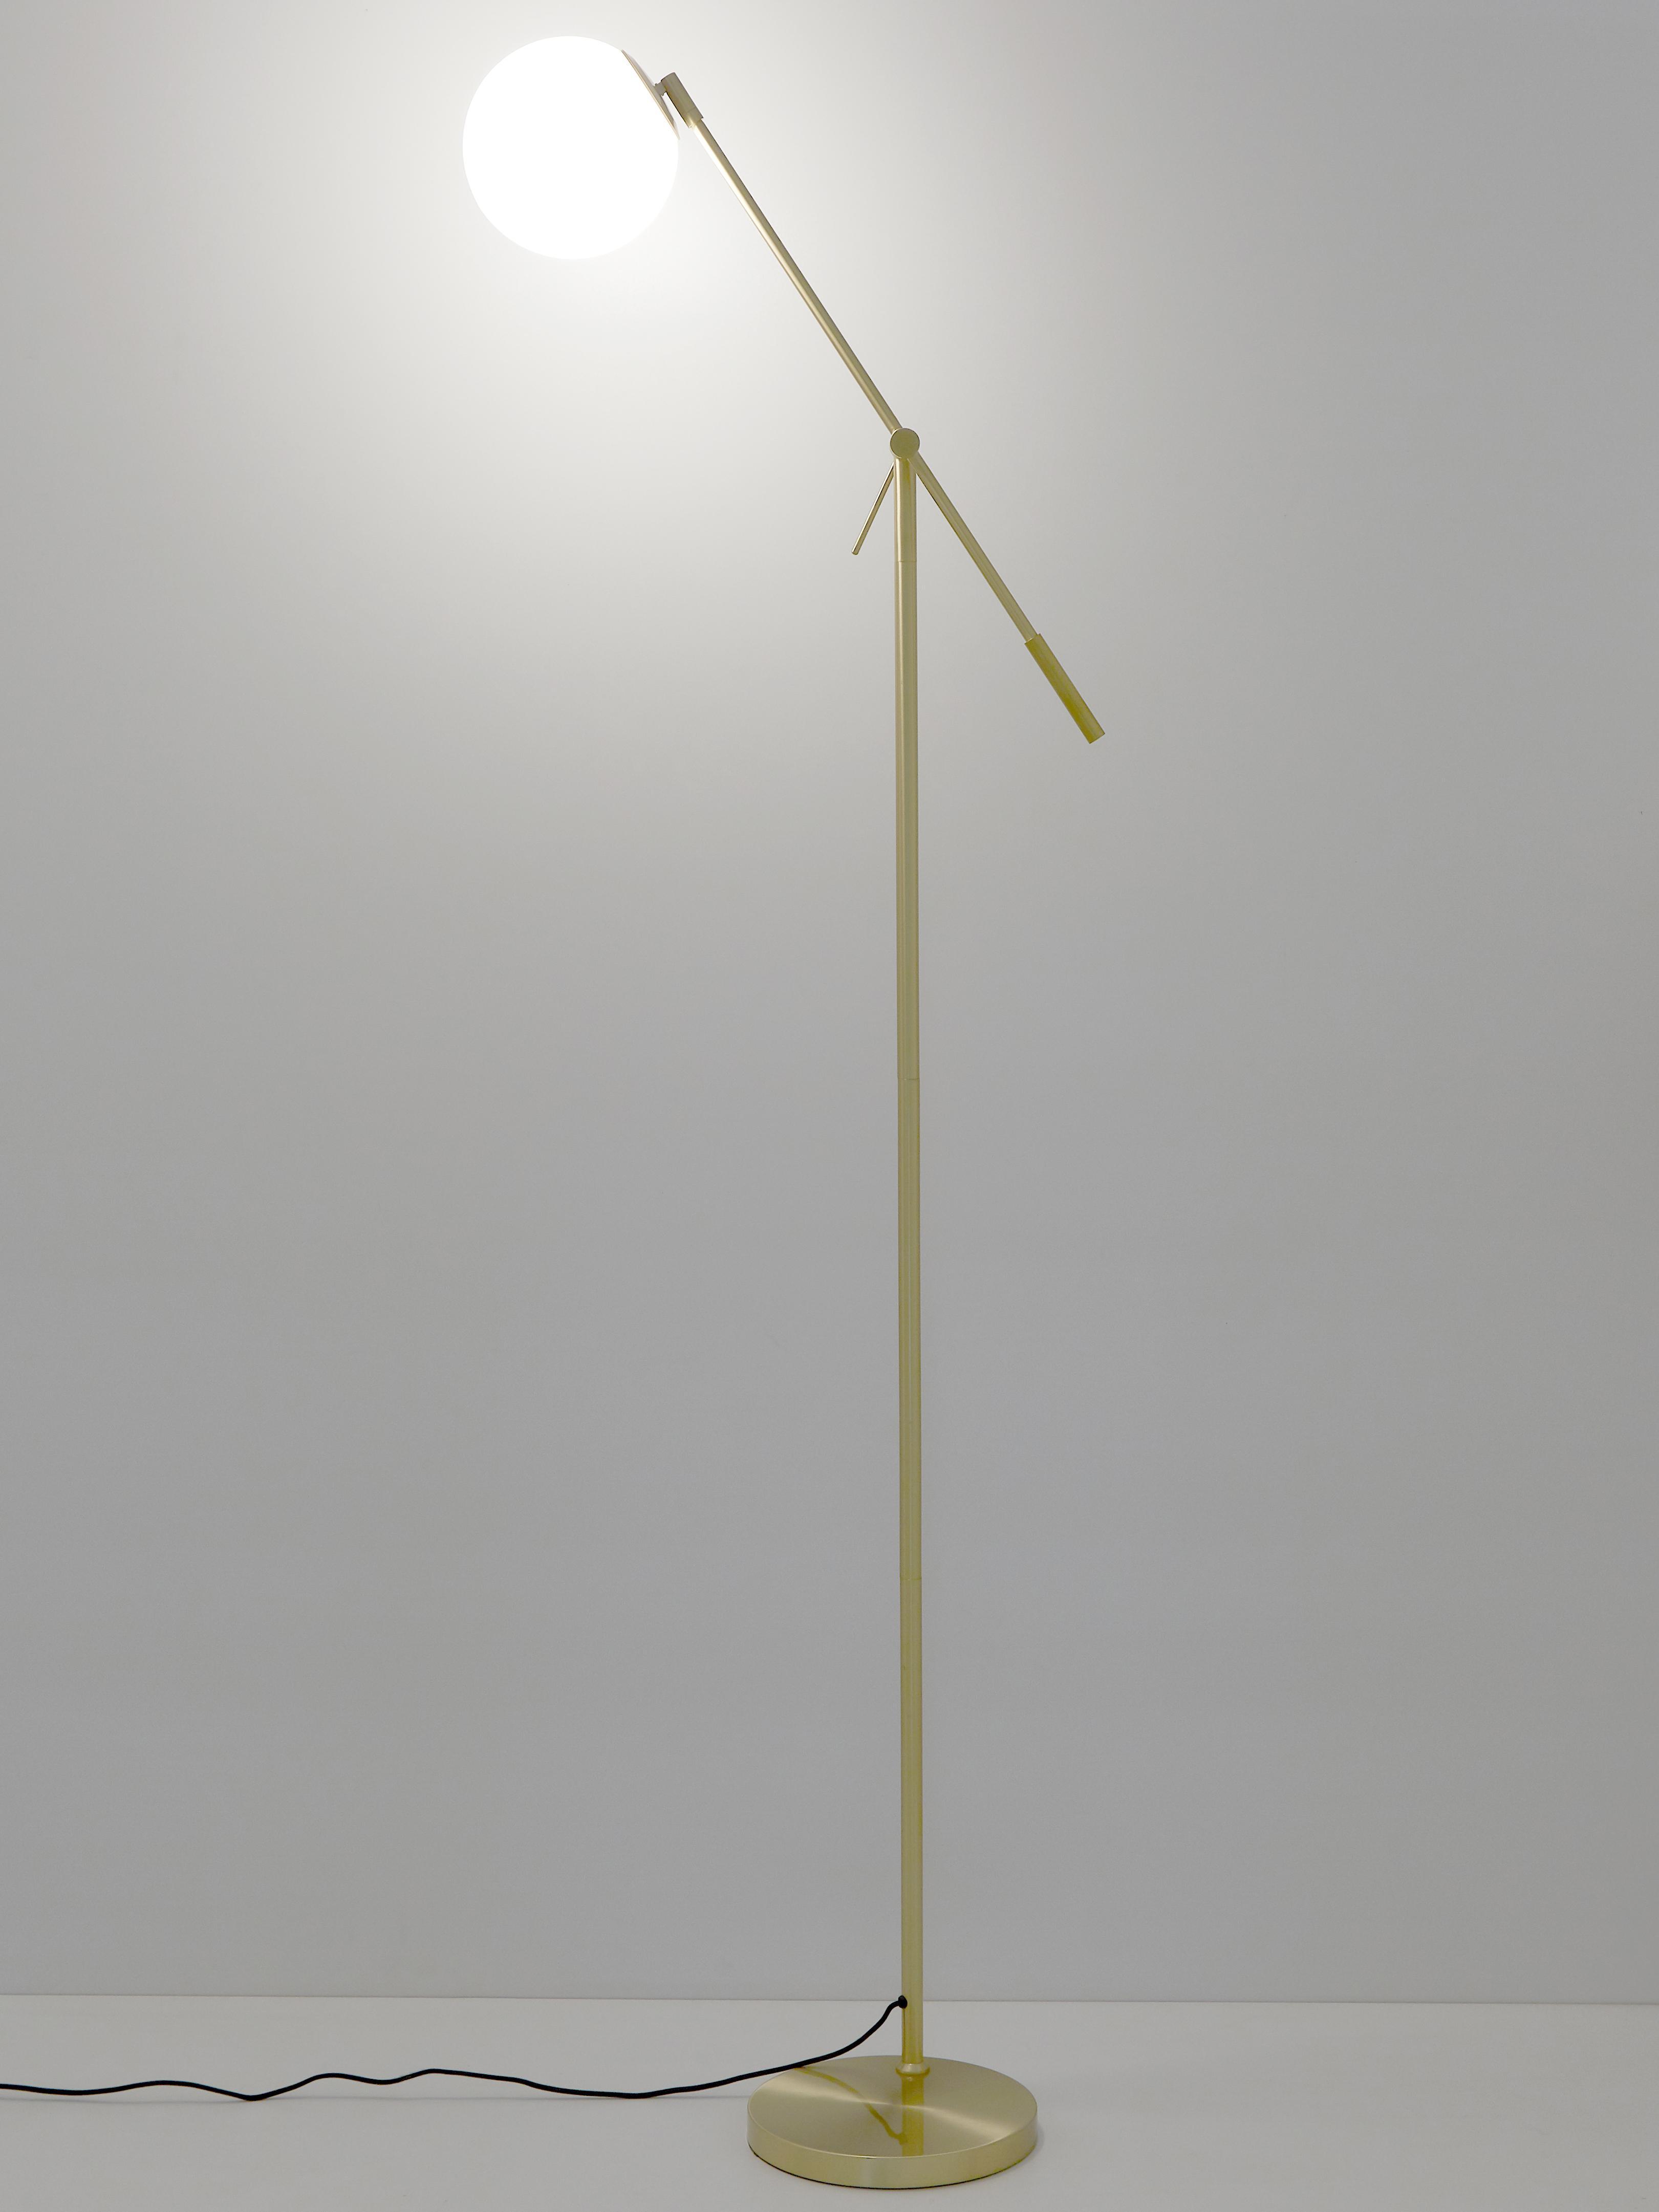 Lampada da terra Moon, Paralume: vetro, Baldacchino e rilegatura: ottone spazzolato paralume: bianco cavo: nero, Ø 17 x Alt. 162 cm